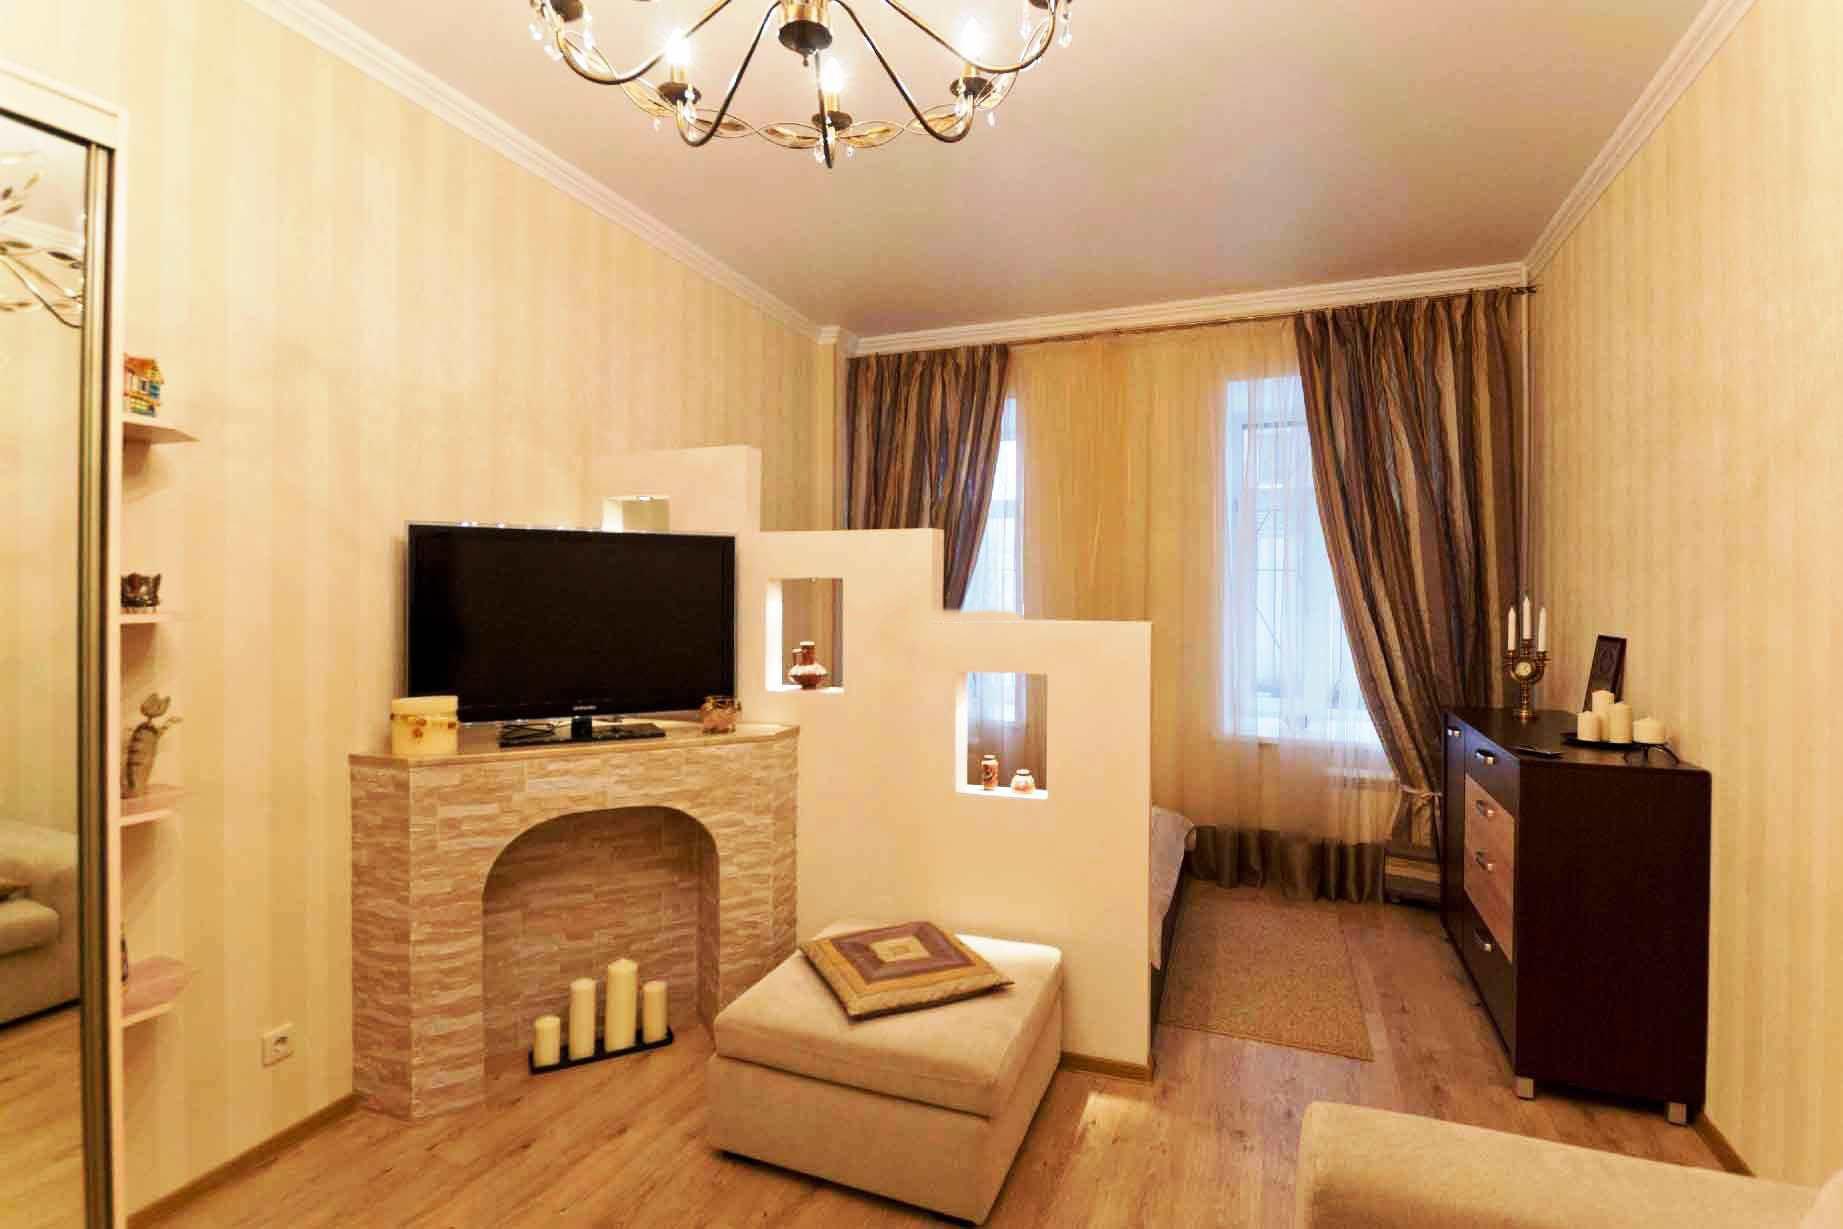 Эконом дизайн однокомнатной квартиры